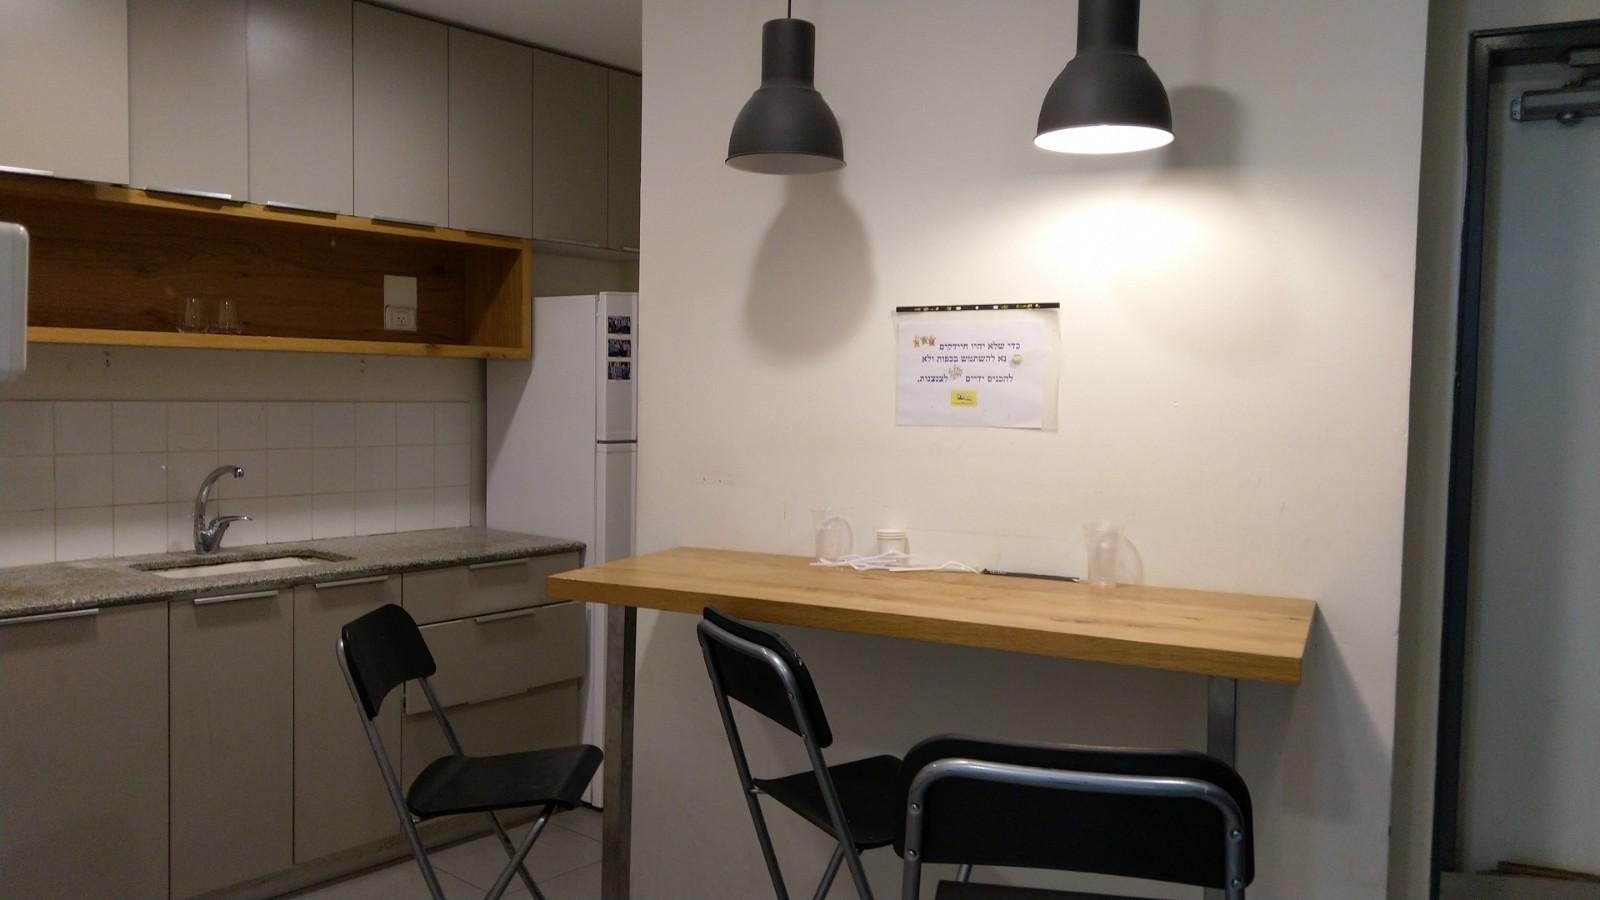 תמונה 4 ,משרדים להשכרה הברזל  משרד מואר 370 מר  רמת החייל תל אביב יפו